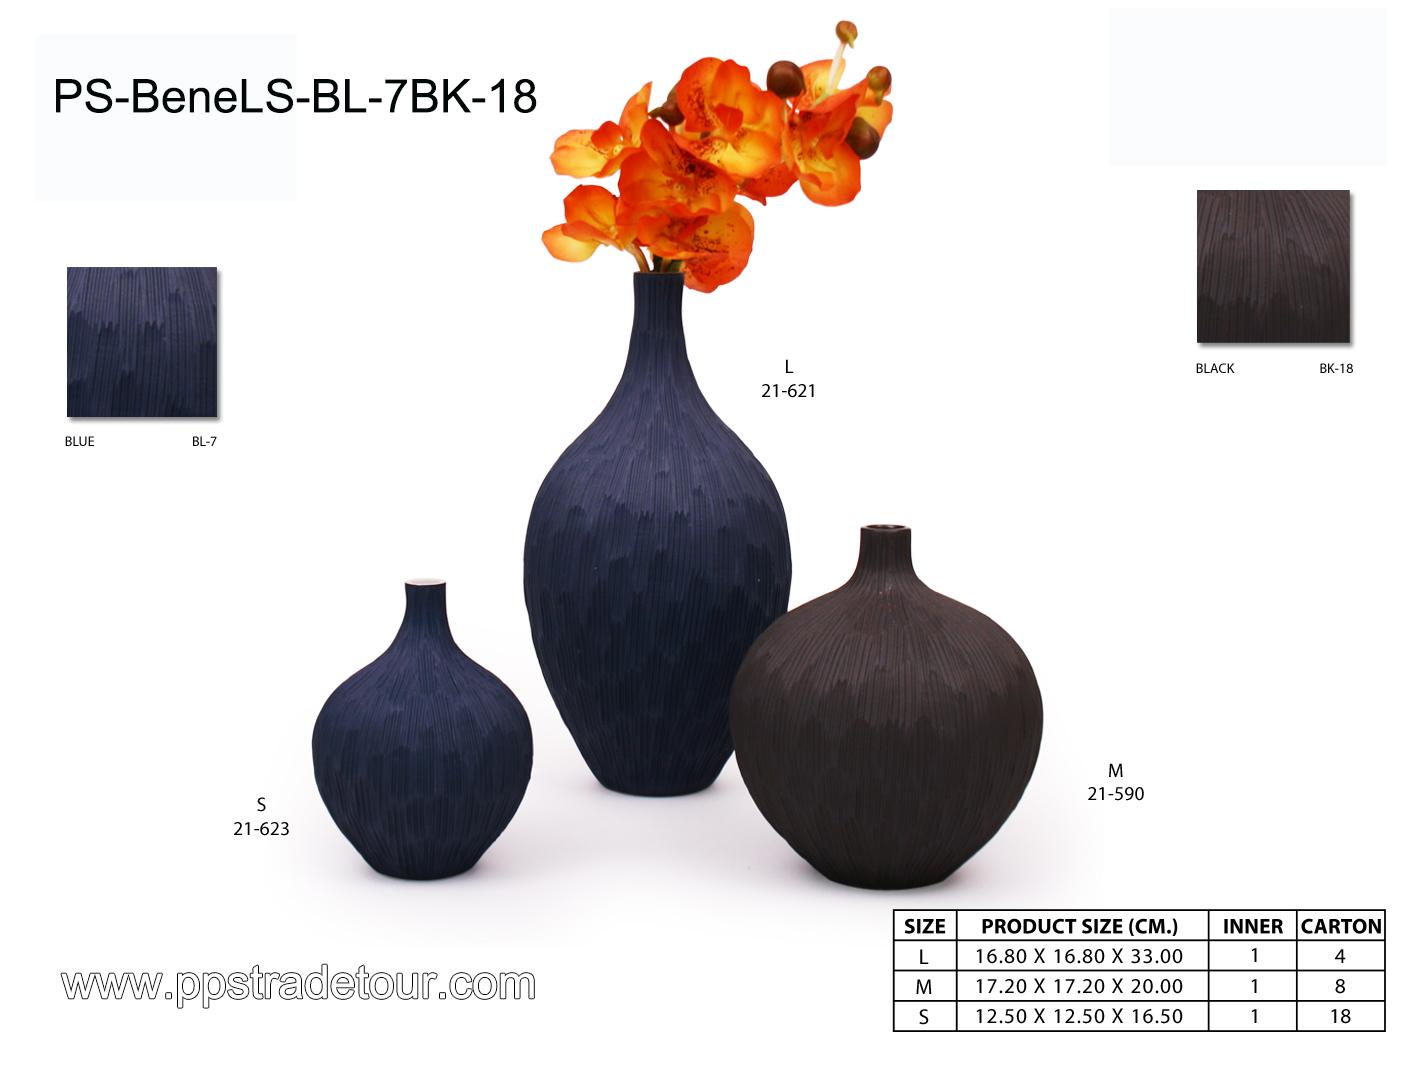 PSCV-BeneLS-BL-7BK-18